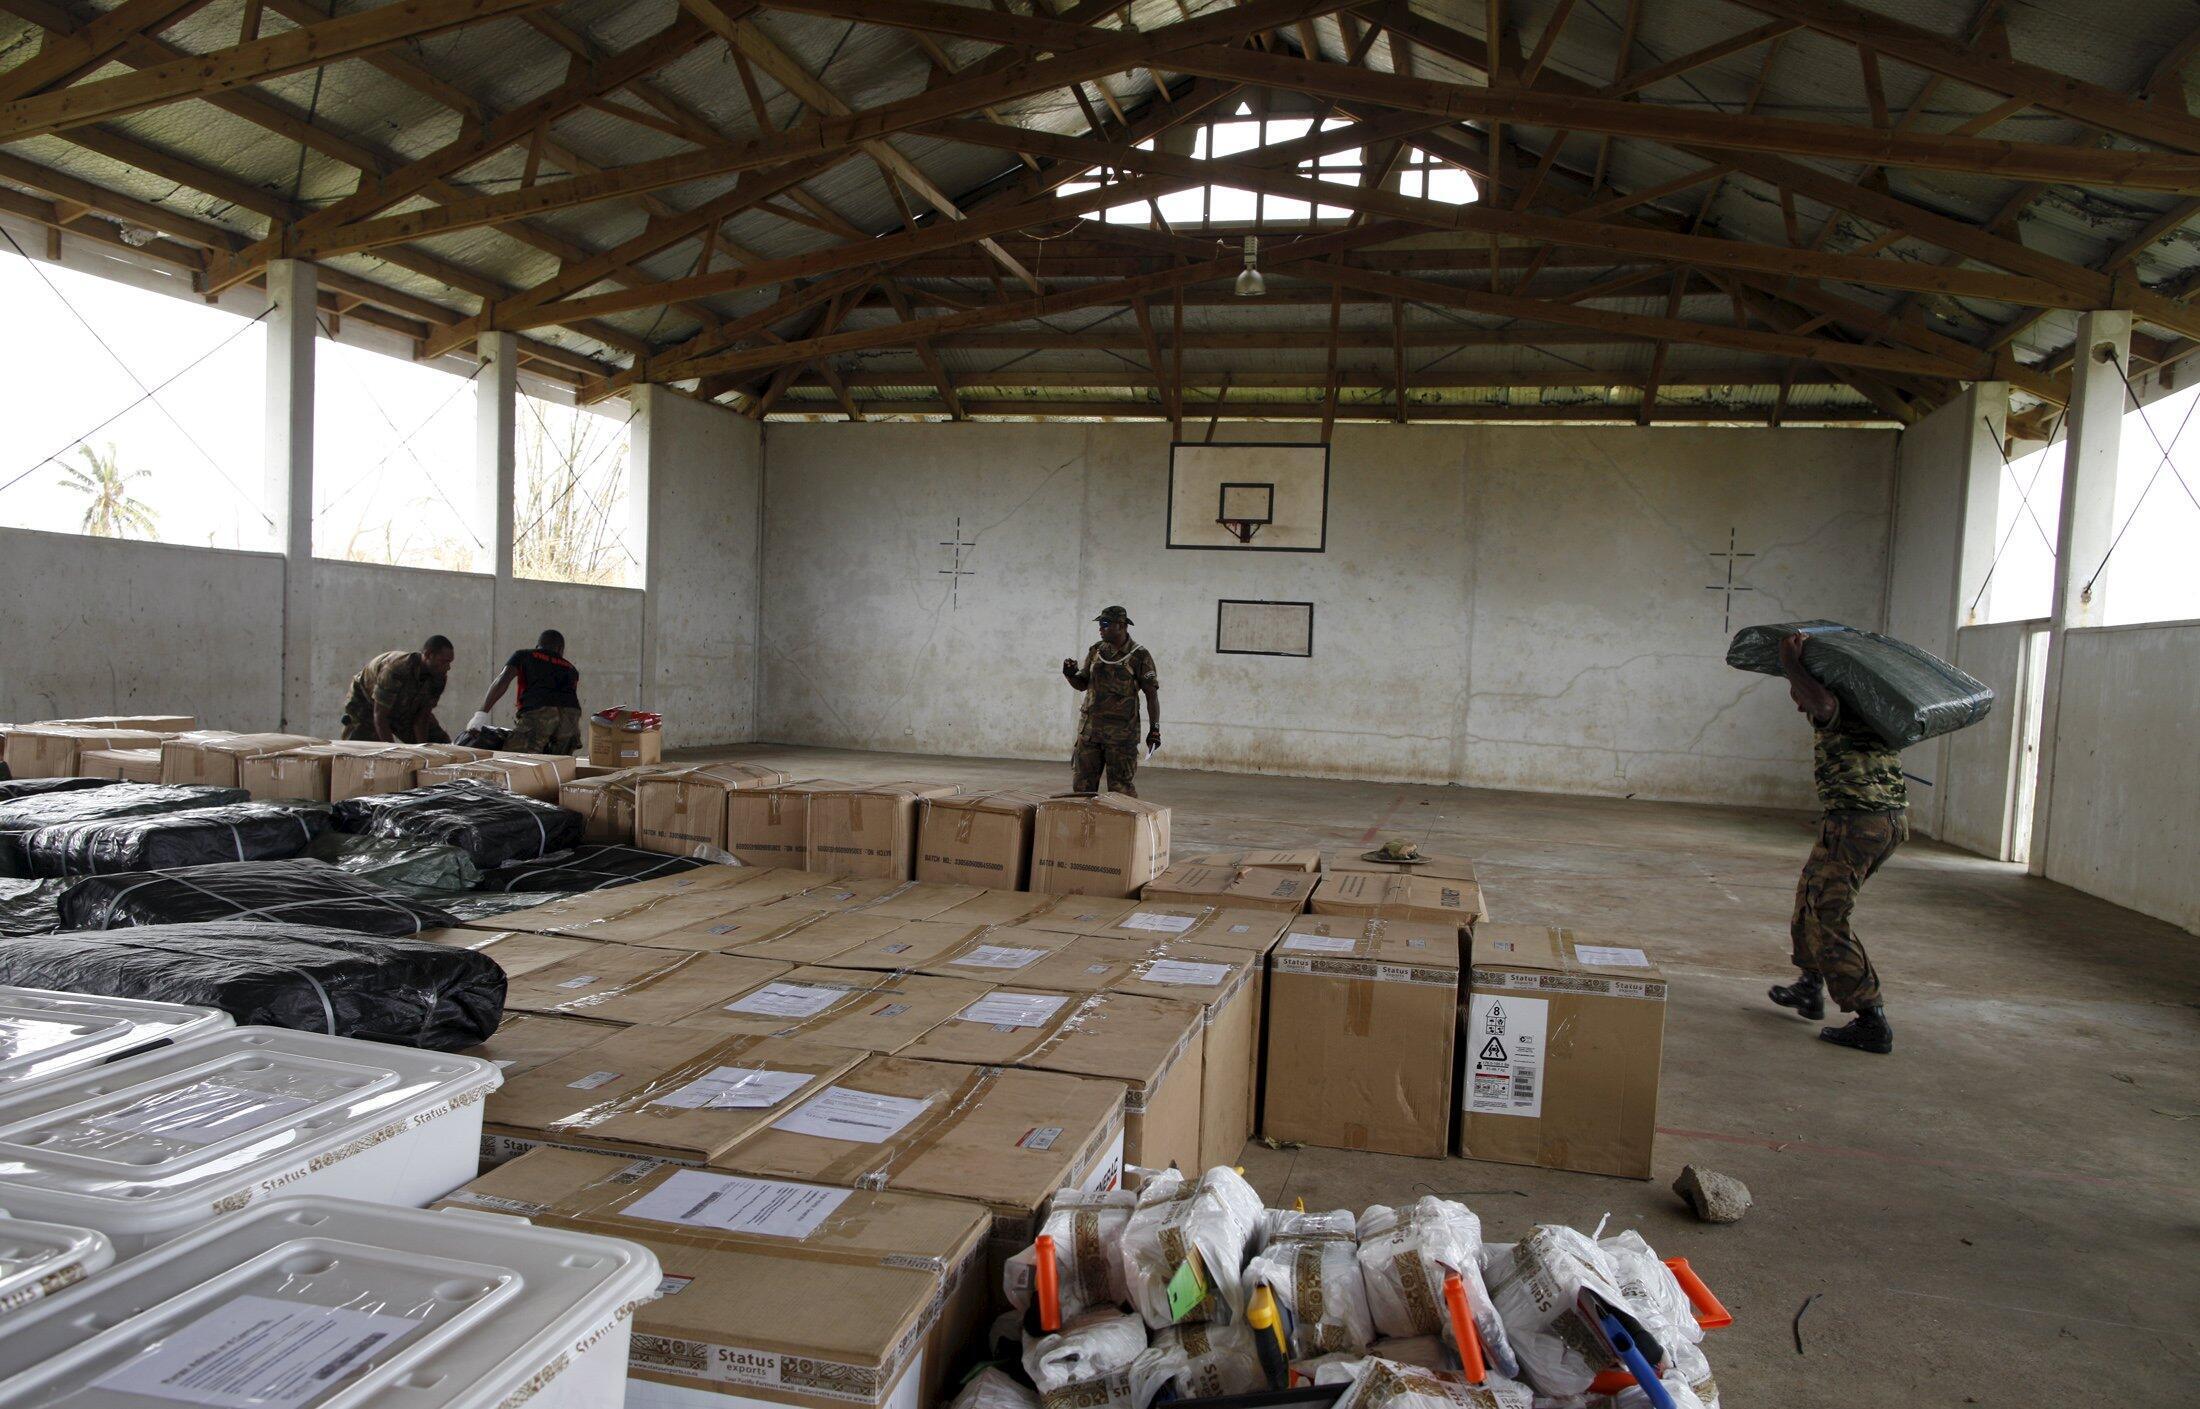 Au Vanuatu, les habitants dépendent largement de l'aide alimentaire pour leur survie: caisses d'aide australienne dans un gymnase à Port-Vila en mars 2015.